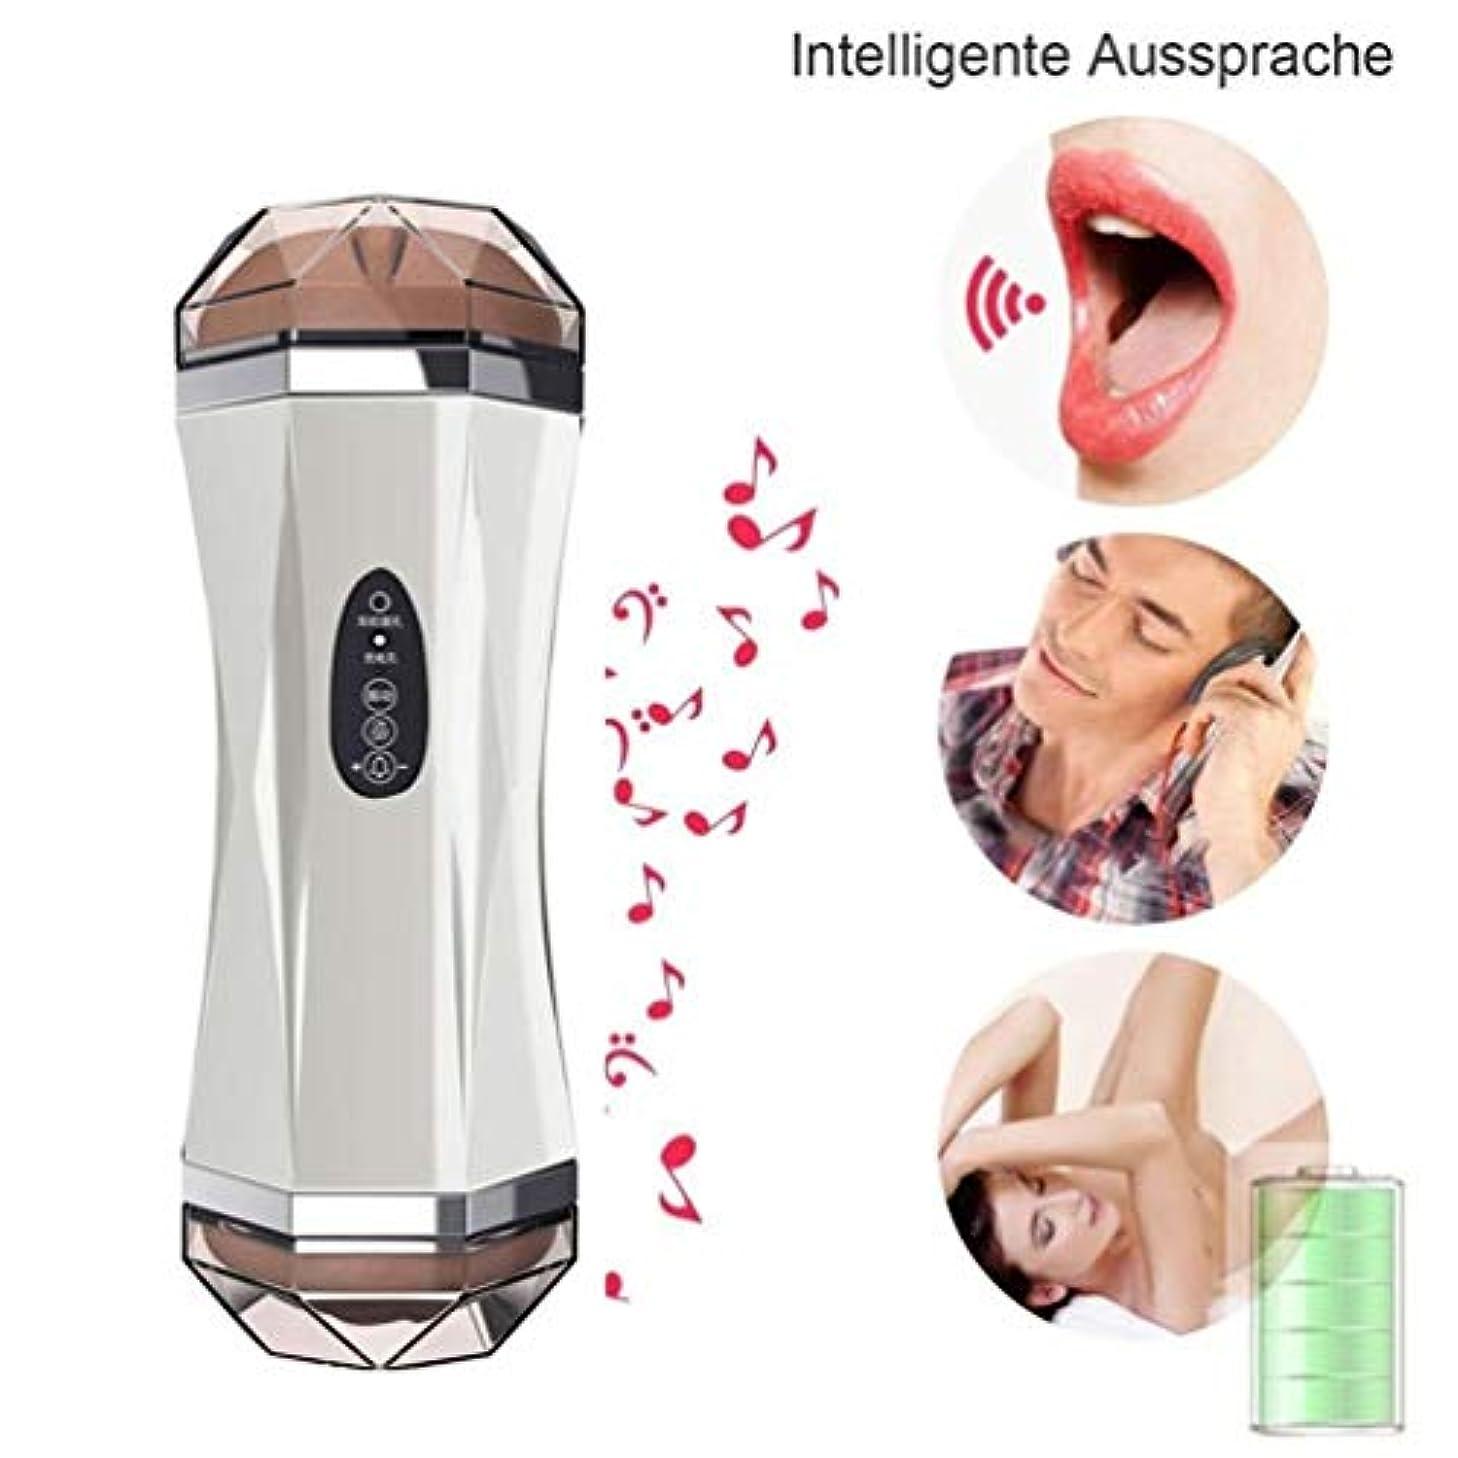 復活意図的エンジンWoouu 現実的な玩具口腔しゃぶり安全で柔らかいシリコーン素材USB充電女性唇の形男性持久力トレーナー